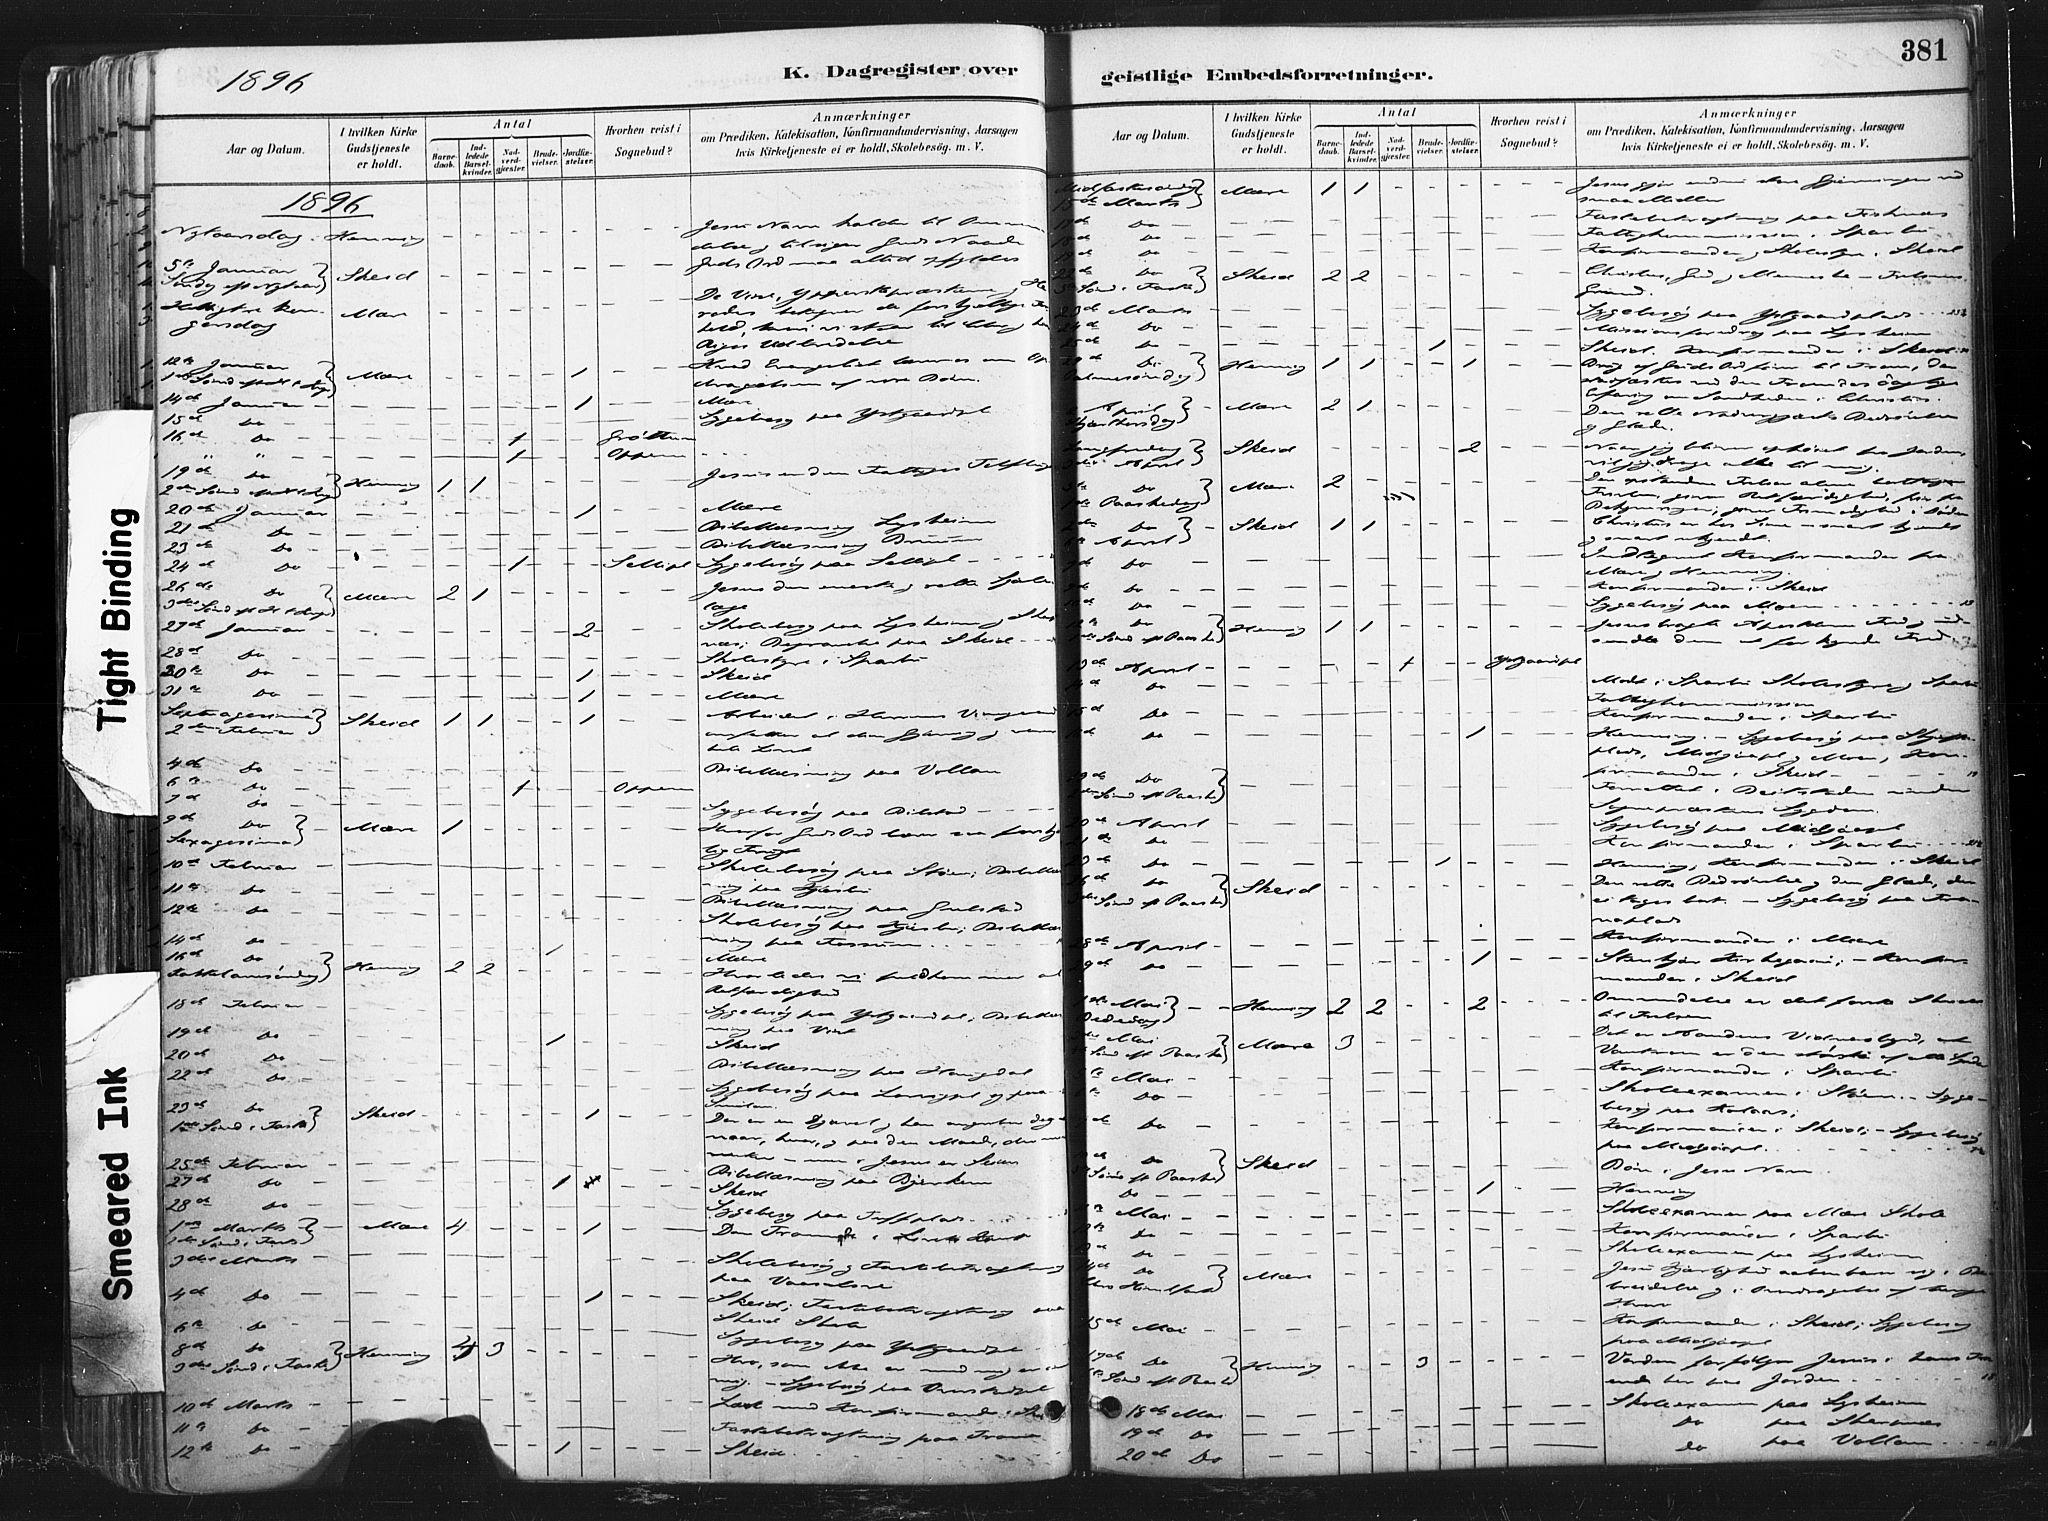 SAT, Ministerialprotokoller, klokkerbøker og fødselsregistre - Nord-Trøndelag, 735/L0351: Ministerialbok nr. 735A10, 1884-1908, s. 381